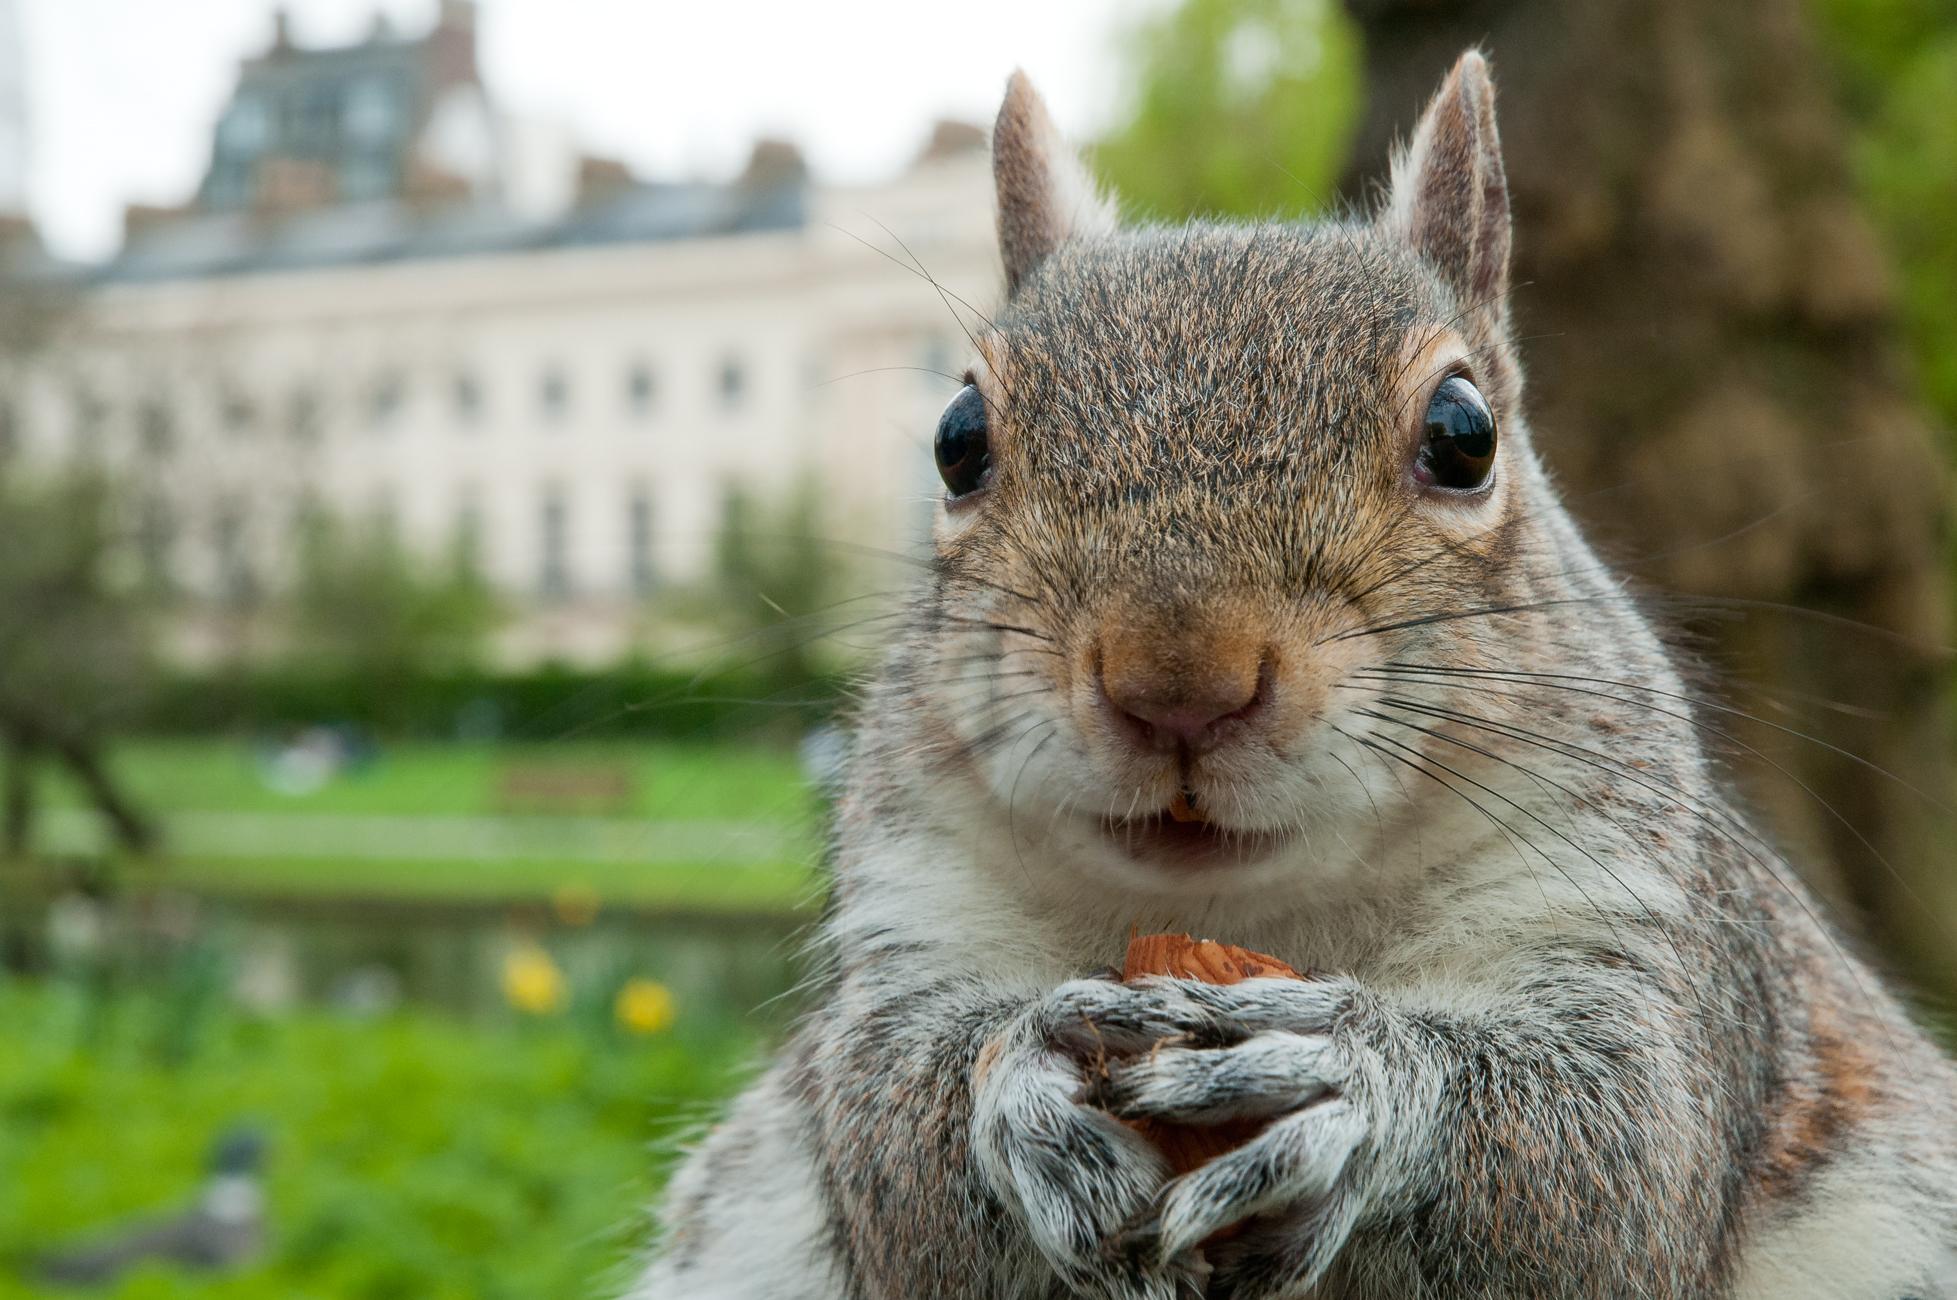 A grey squirrel feeding in a London park.